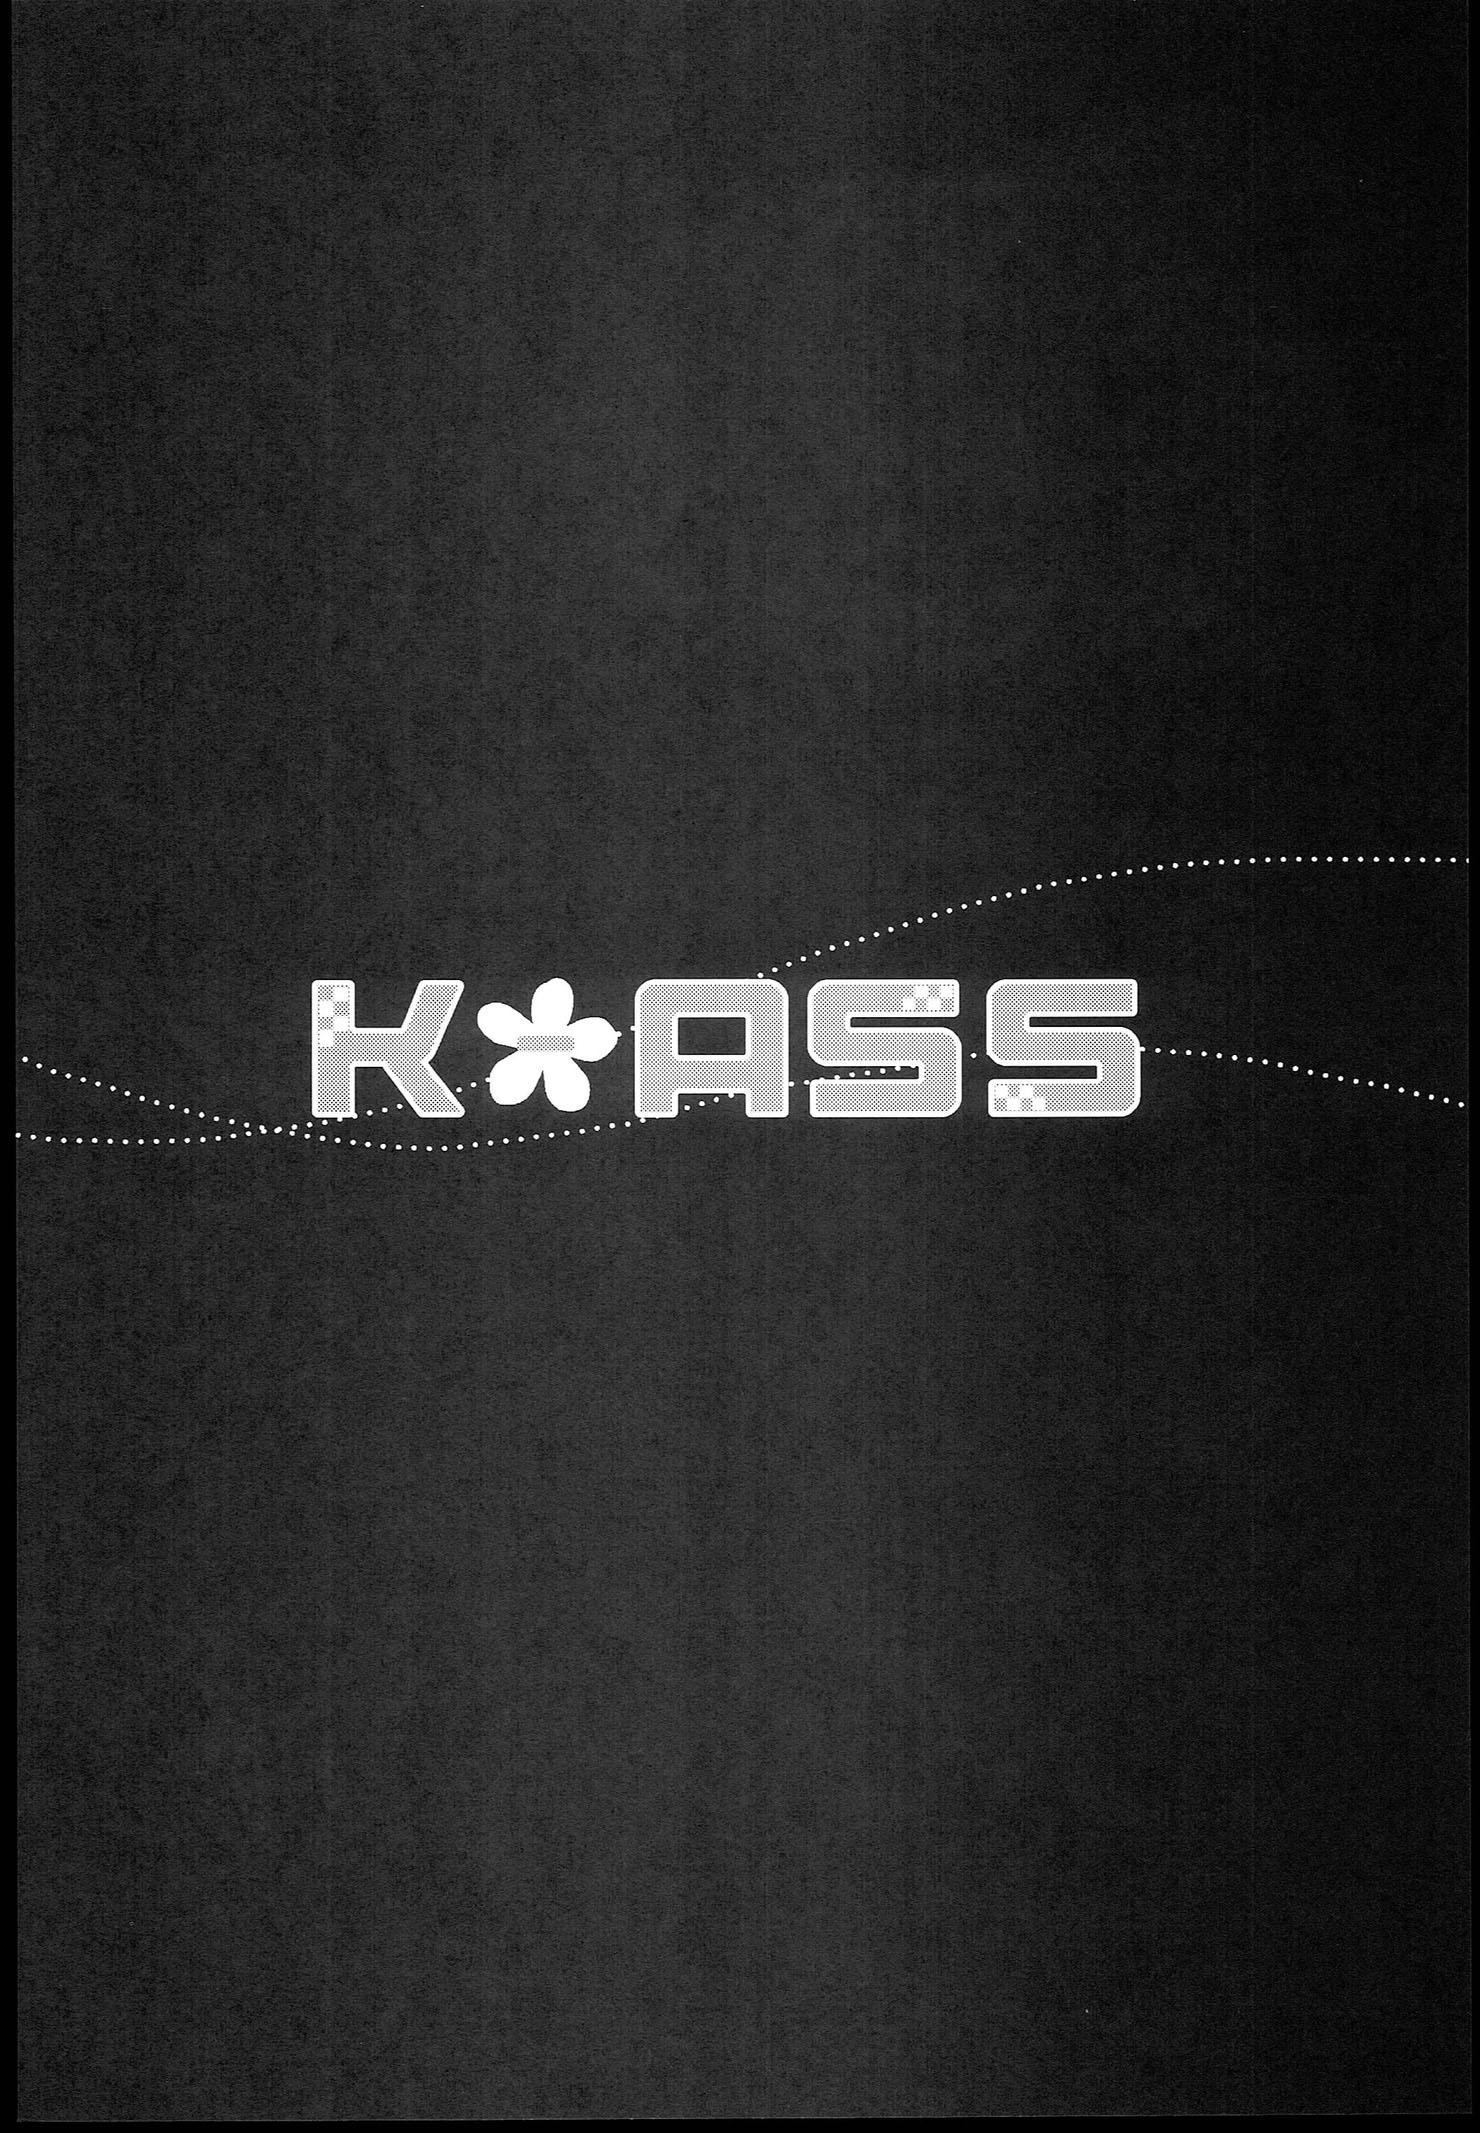 K-ASS 3